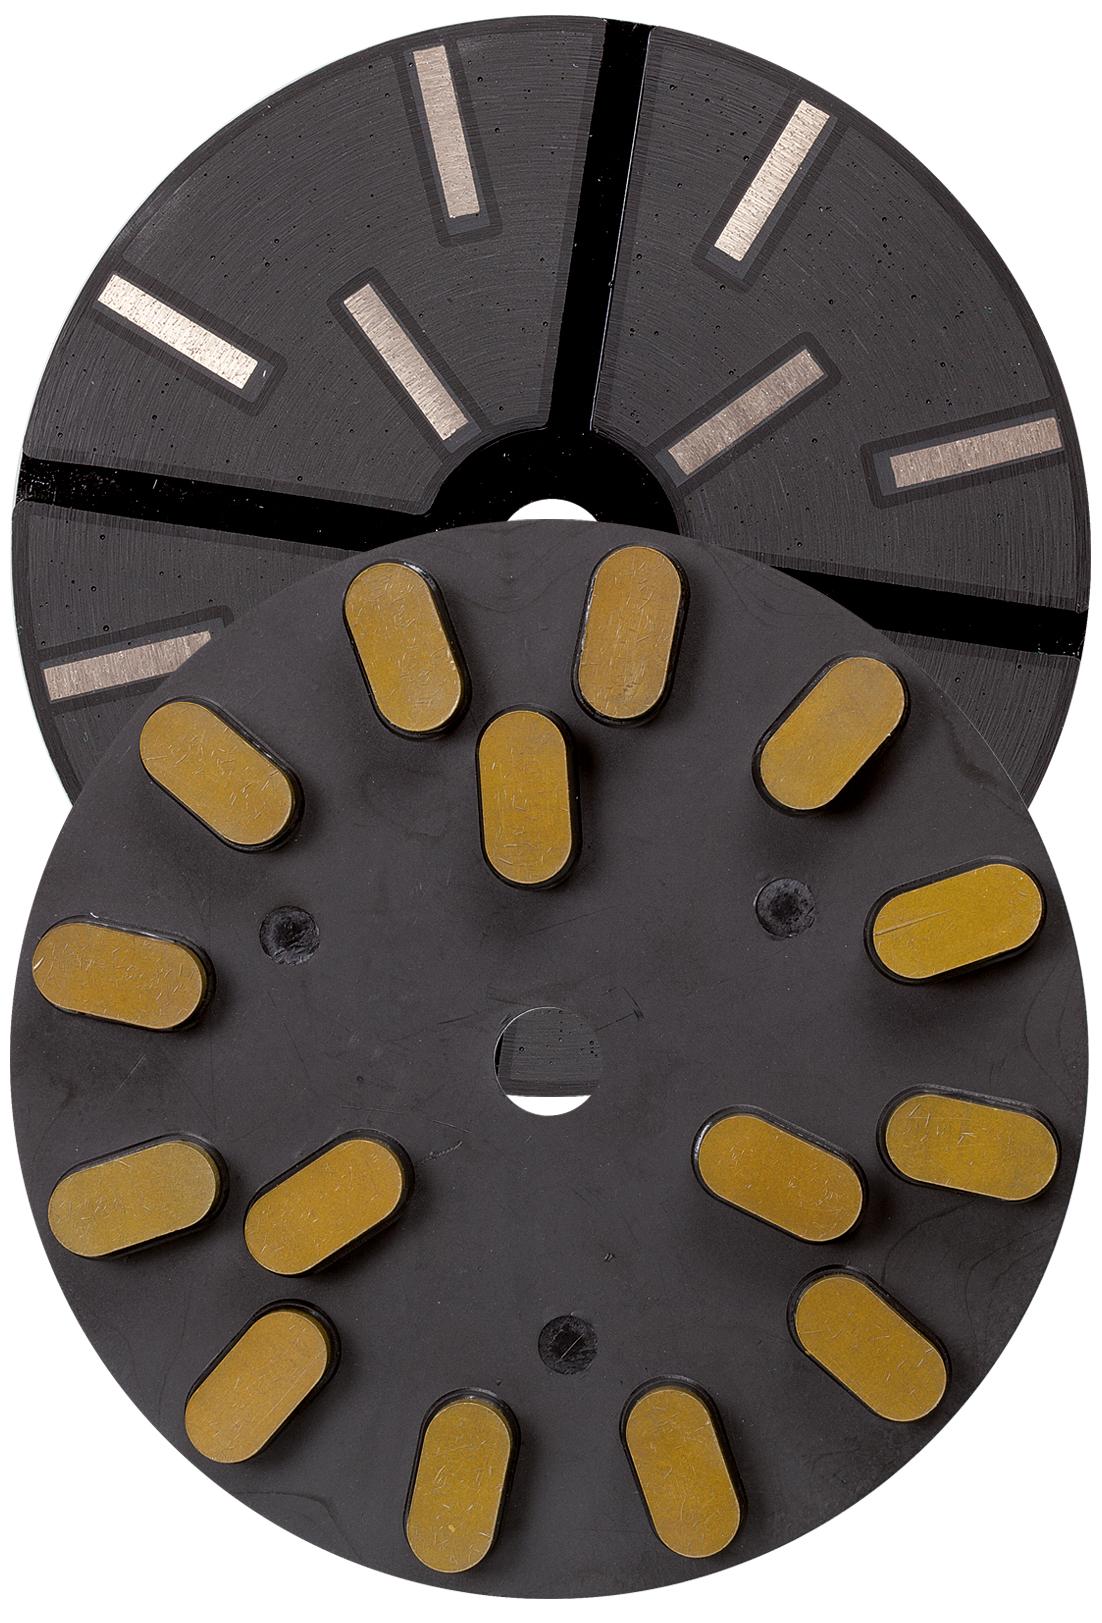 Diamantschleifteller ø 250 mm | Klett | Korn 100